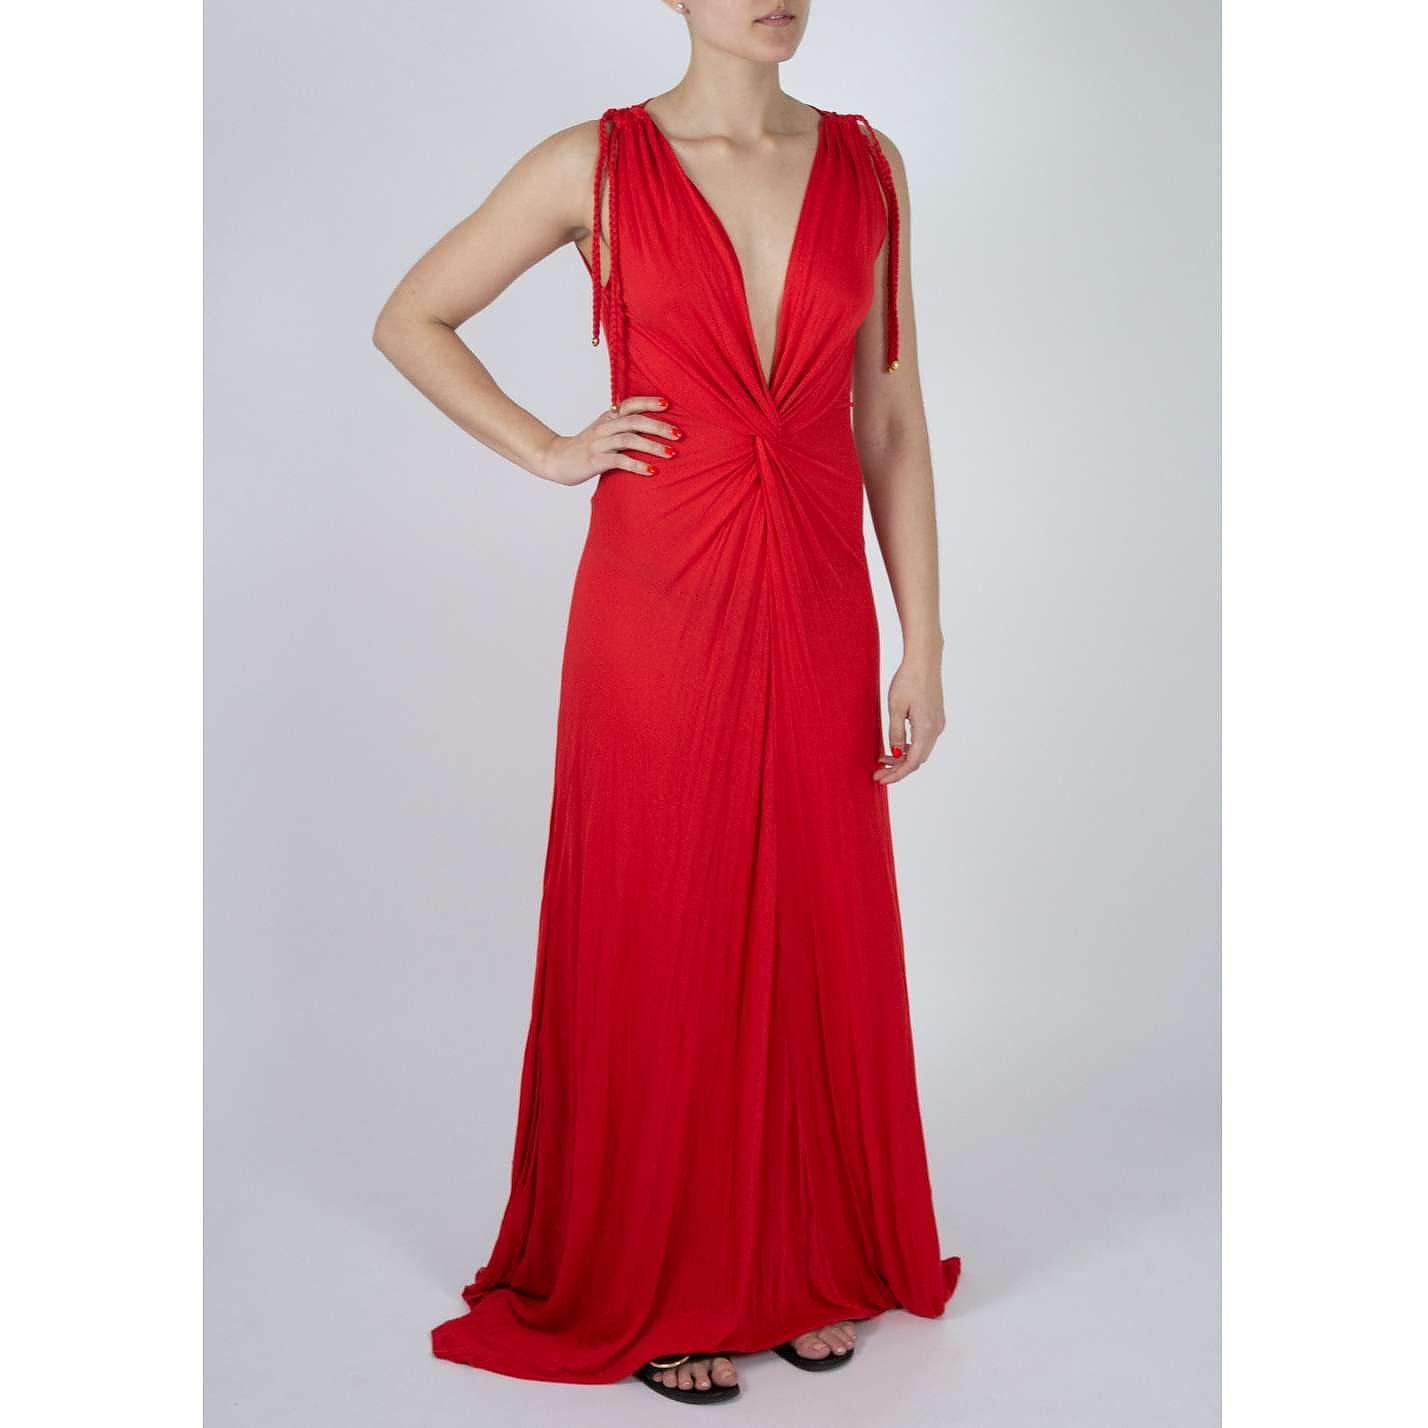 Heidi Klein Sleeveless Maxi Dress